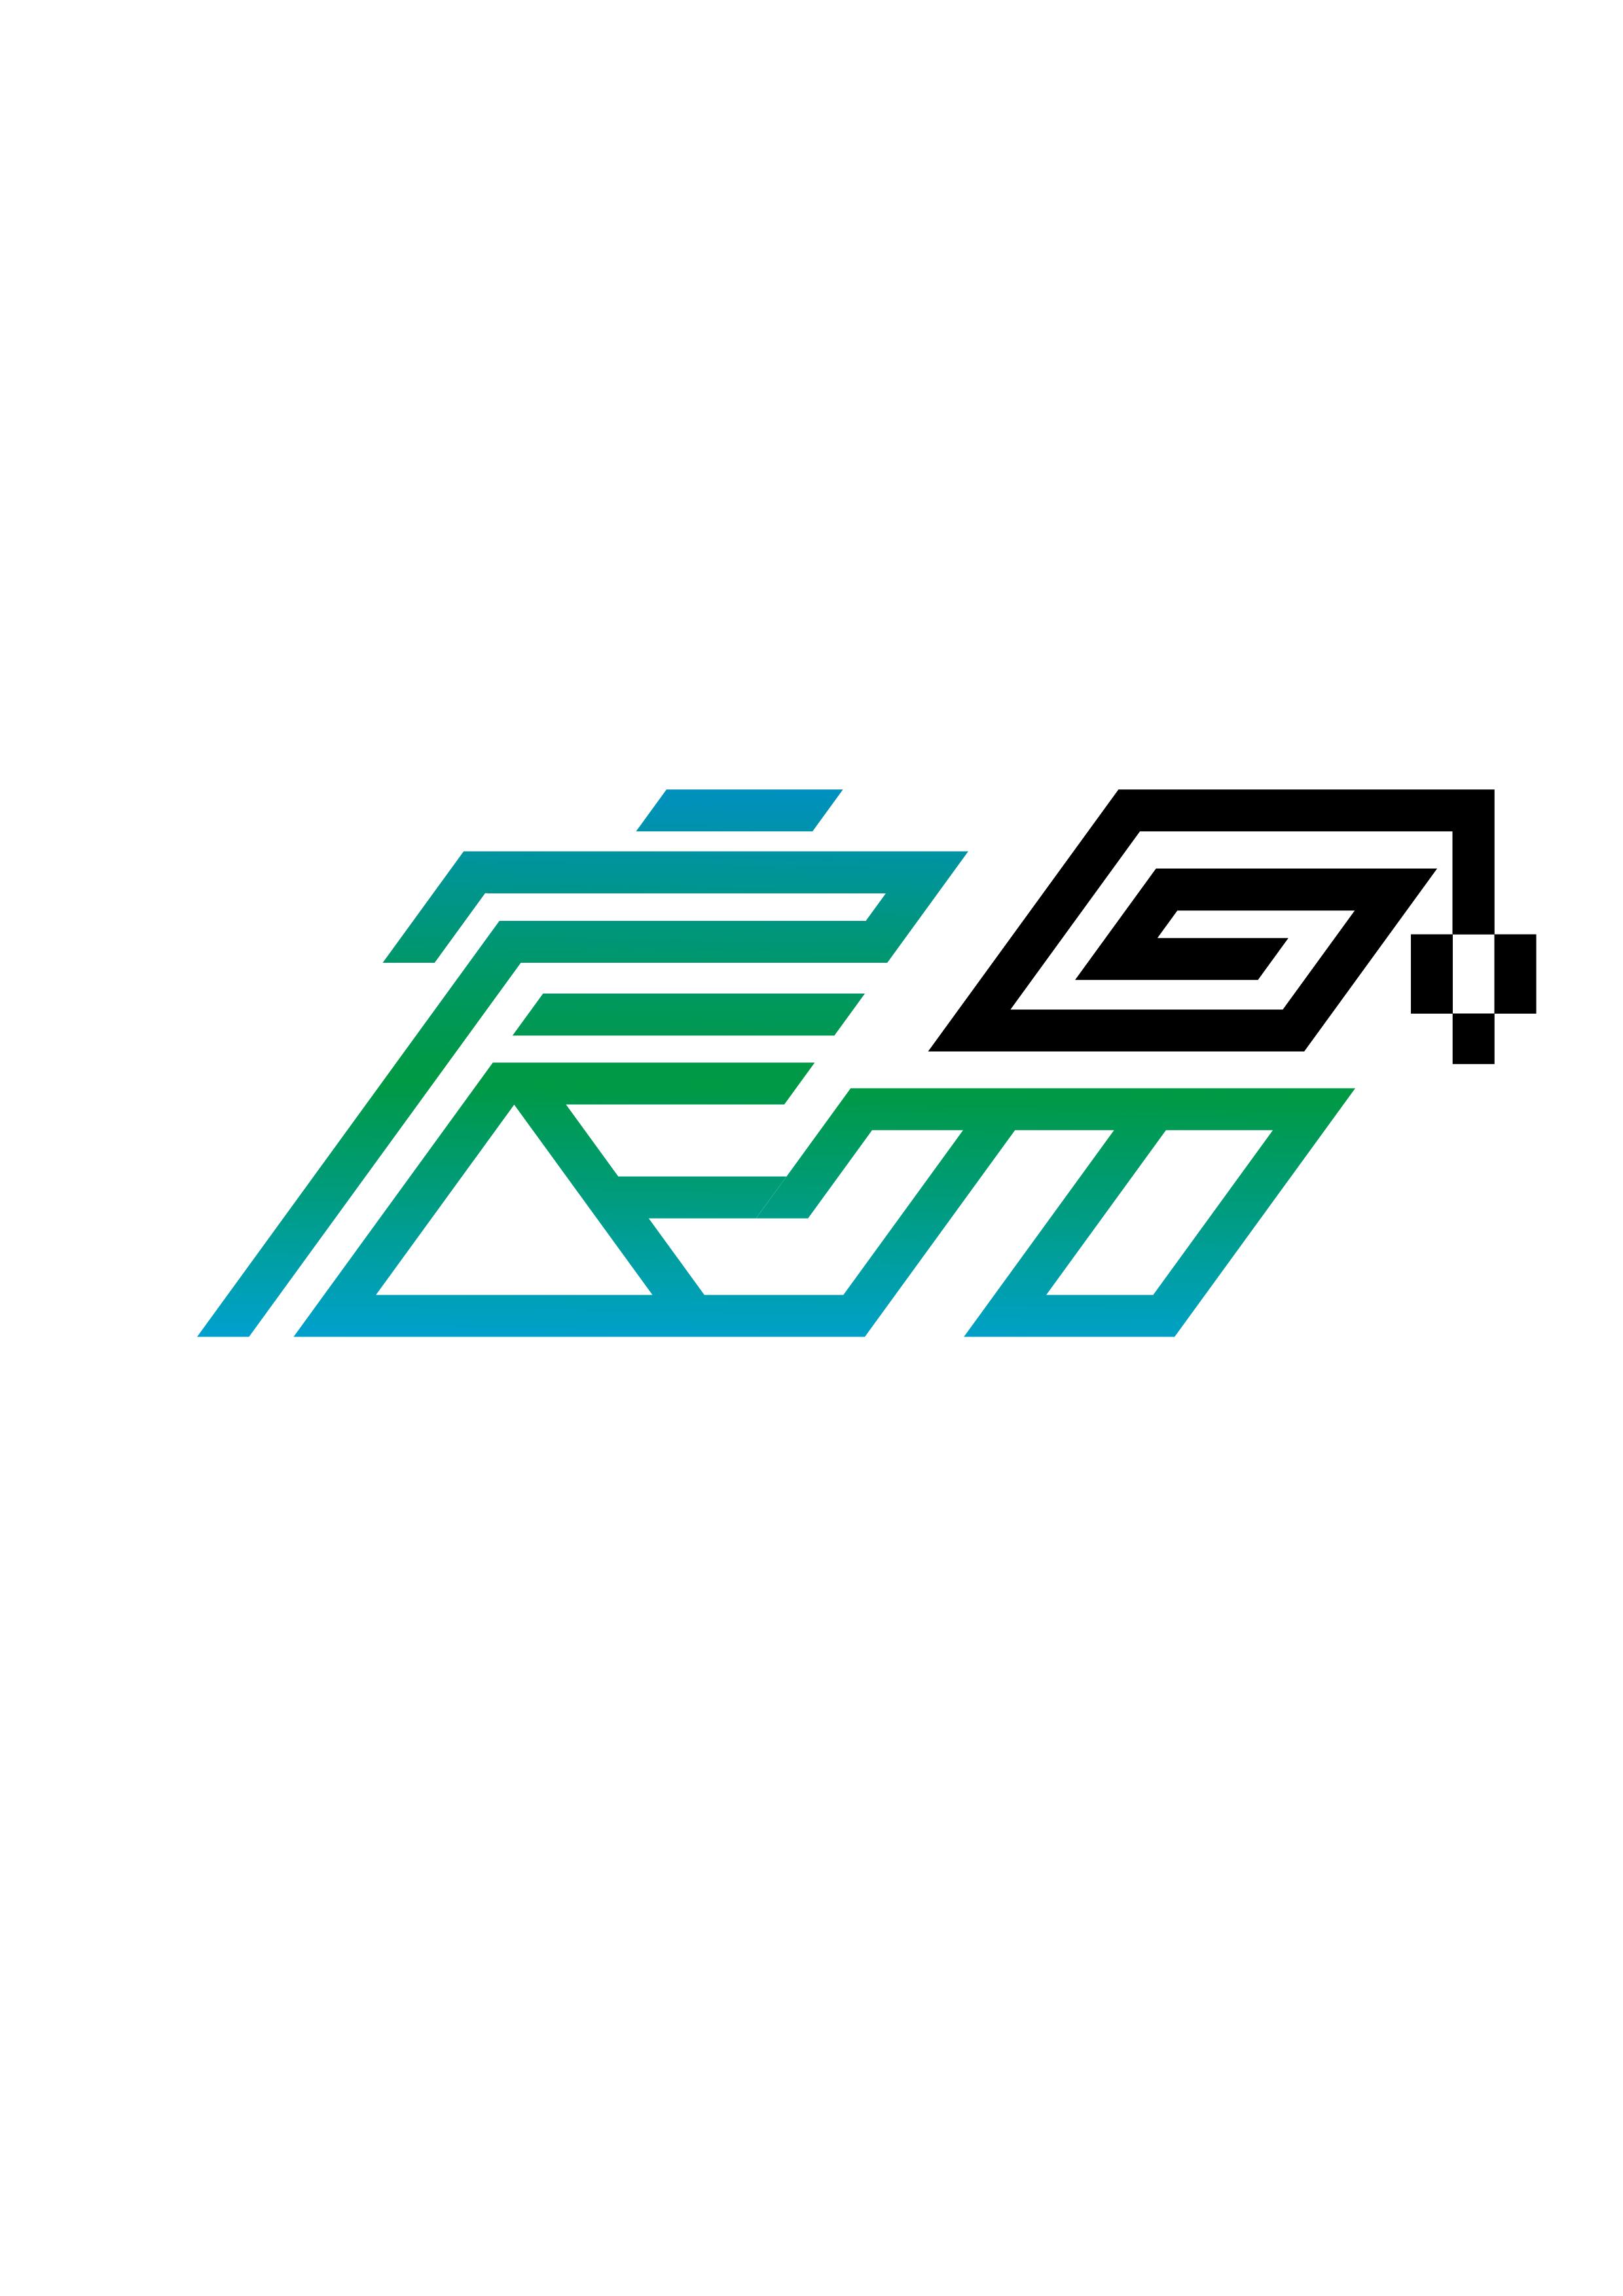 宸易(厦门)网络科技有限公司的logo设计